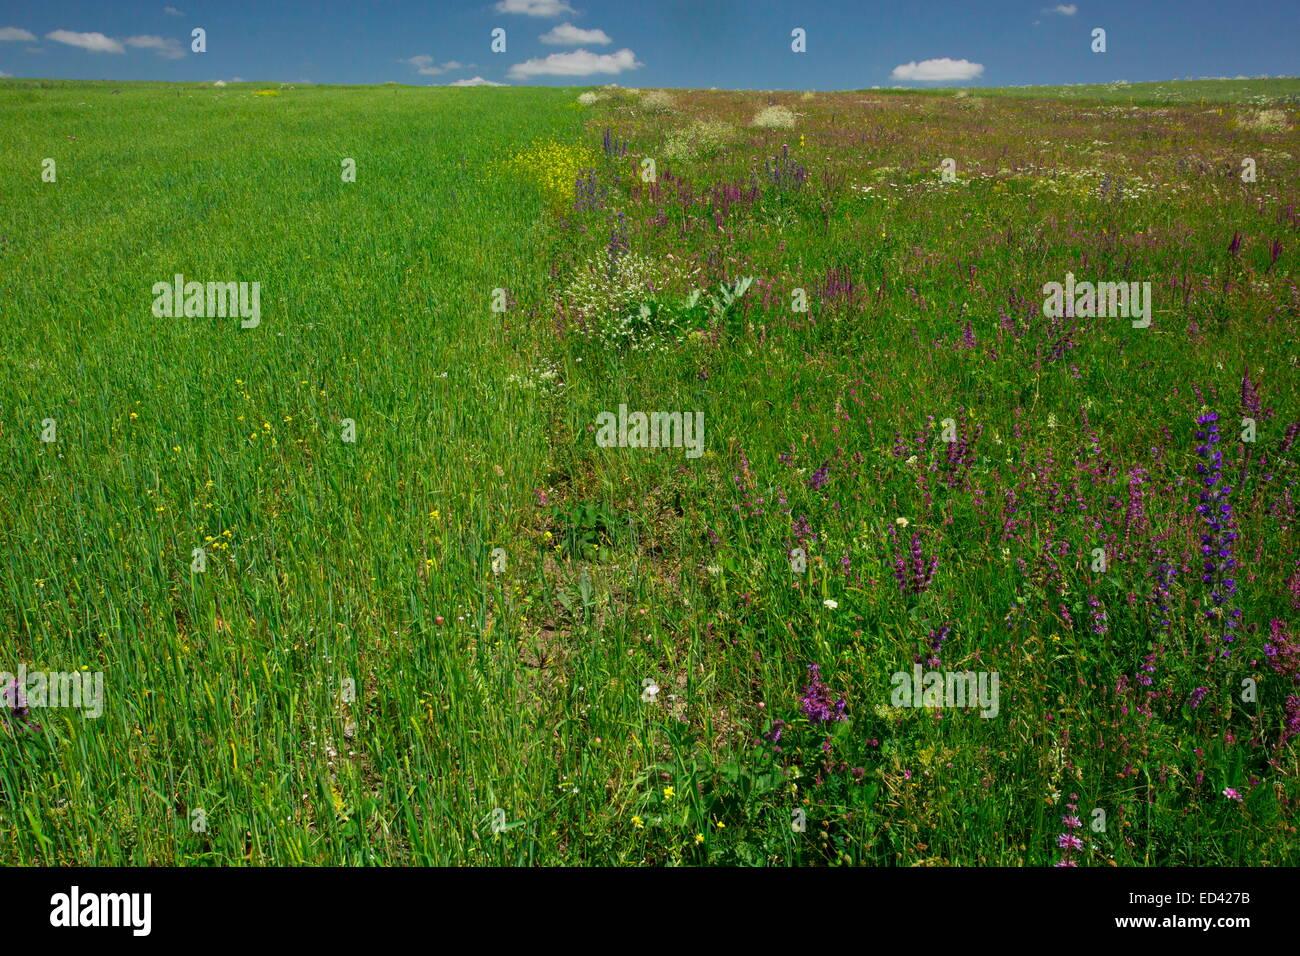 Adiacente che mostra i campi coltivati monocoltura e fiorito di maggese campo per il confronto. Est della Turchia Immagini Stock